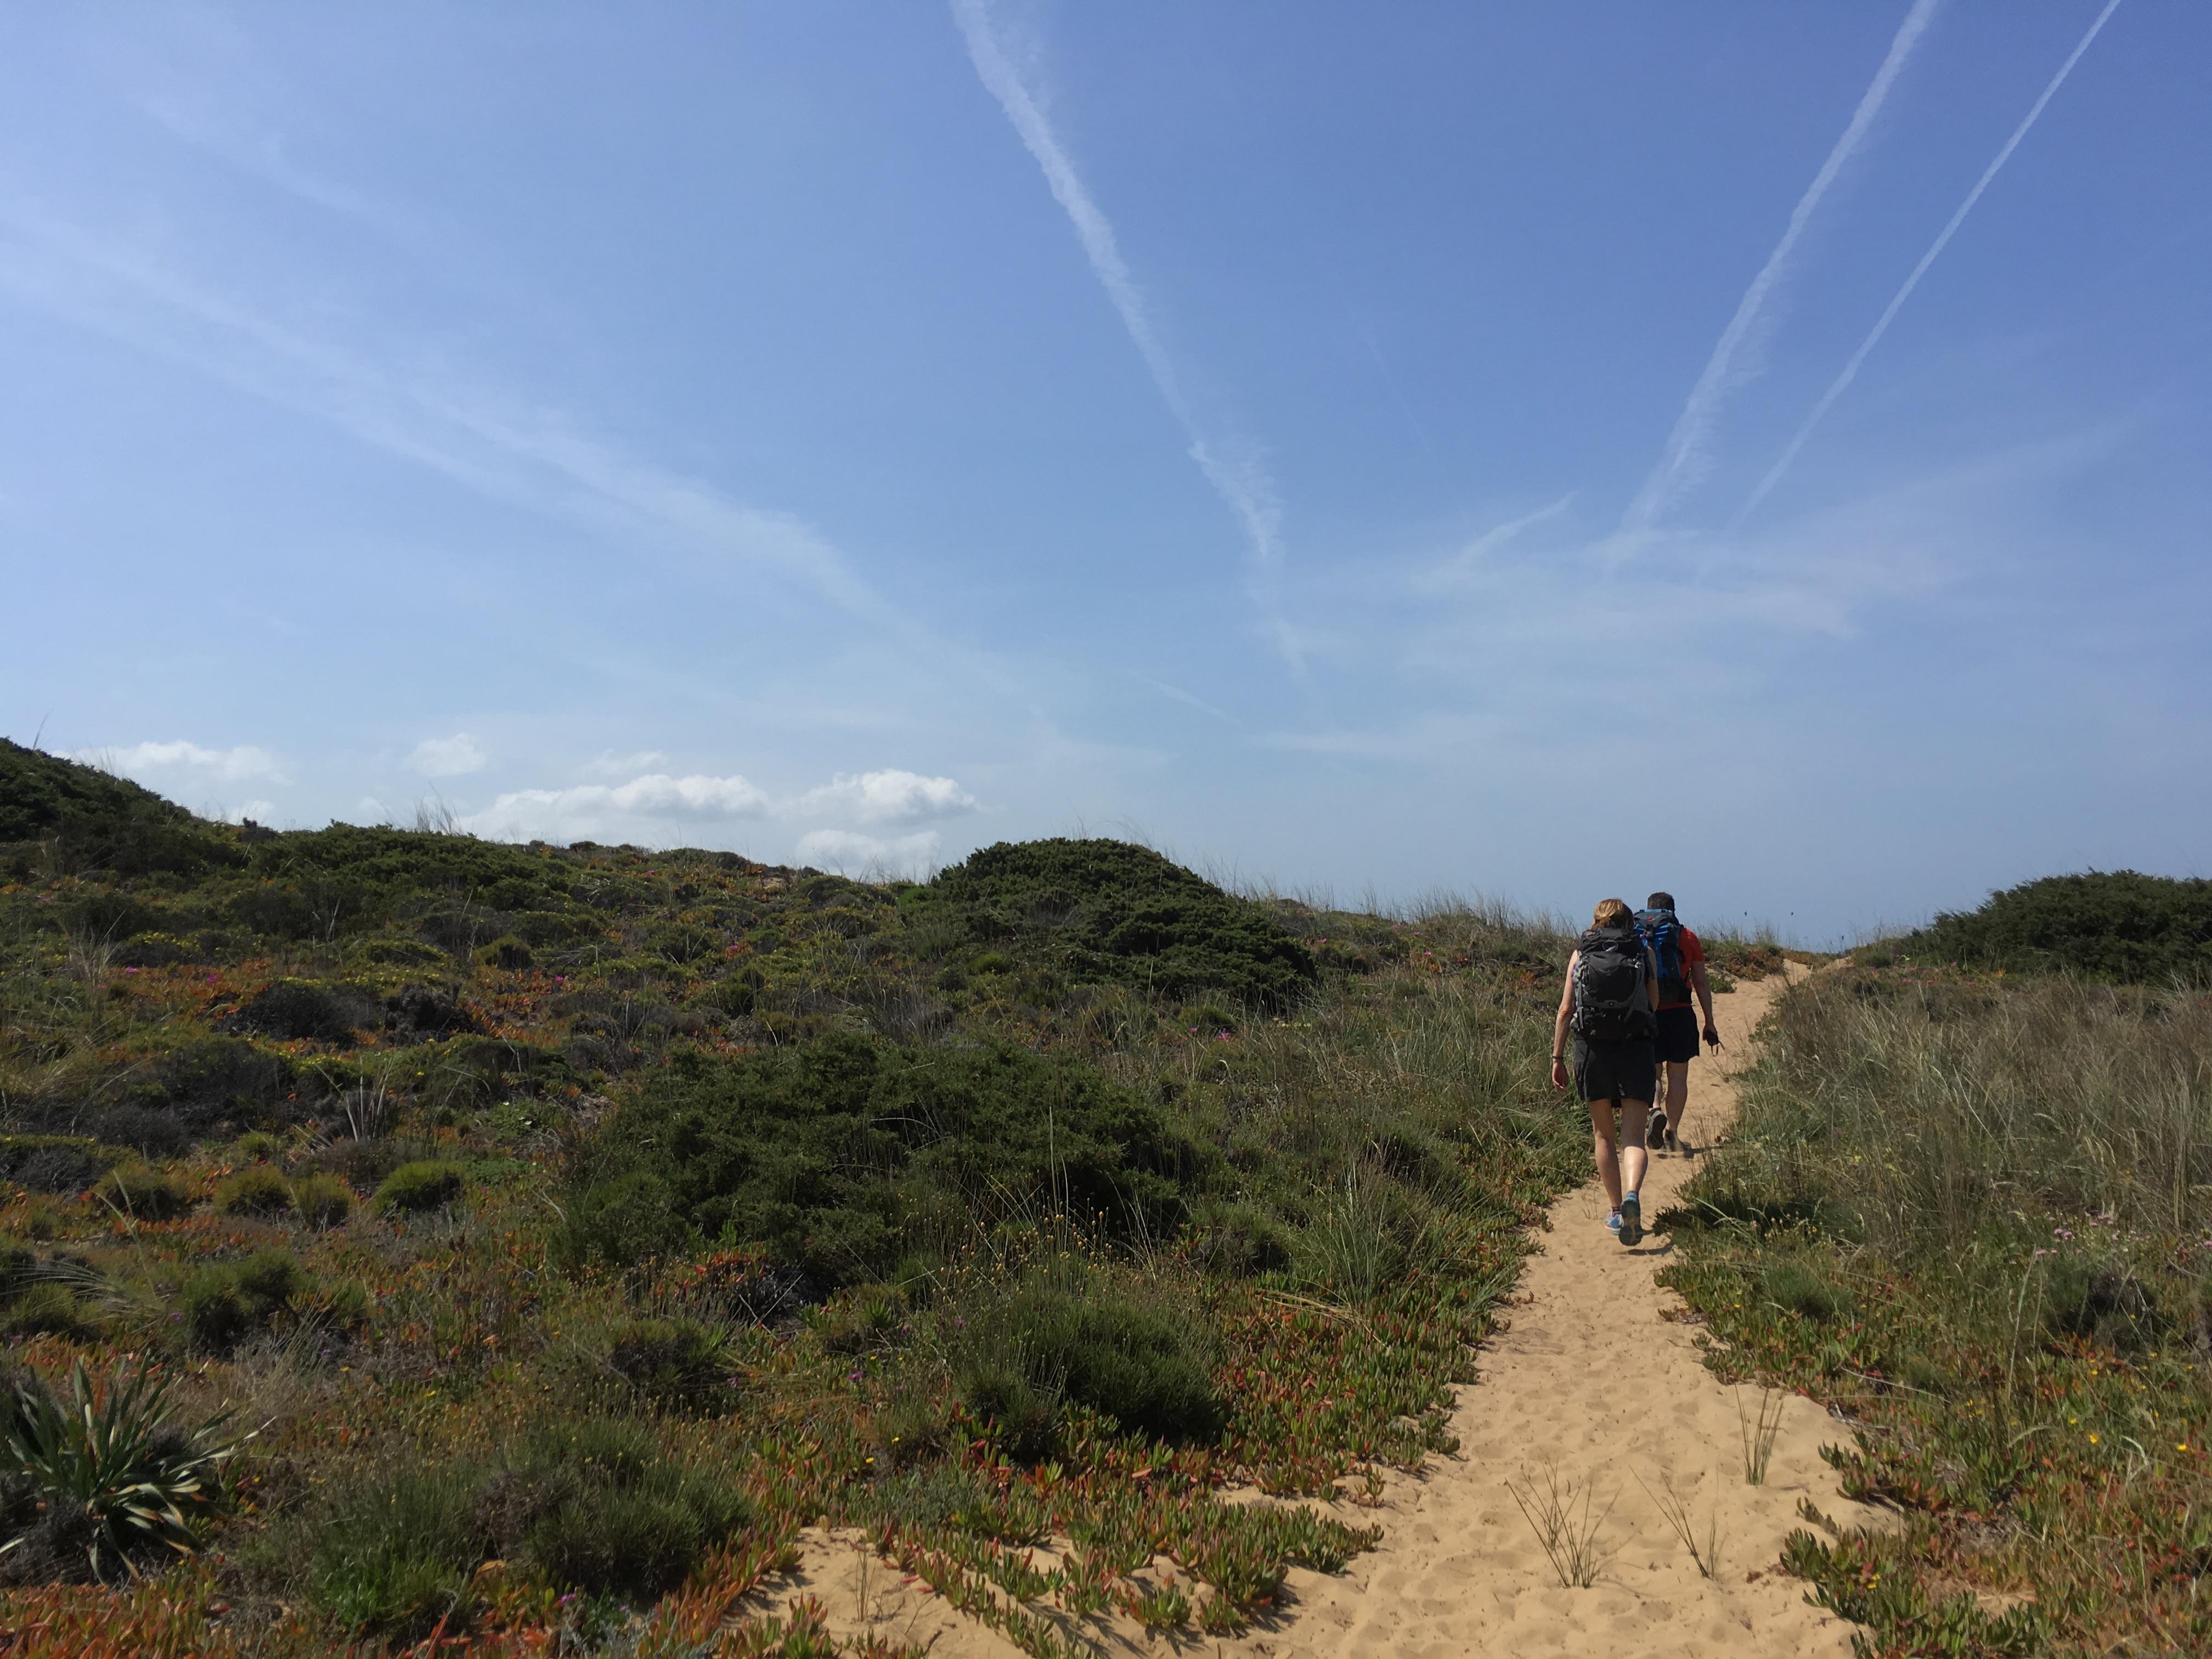 Några vandrare längs en stig